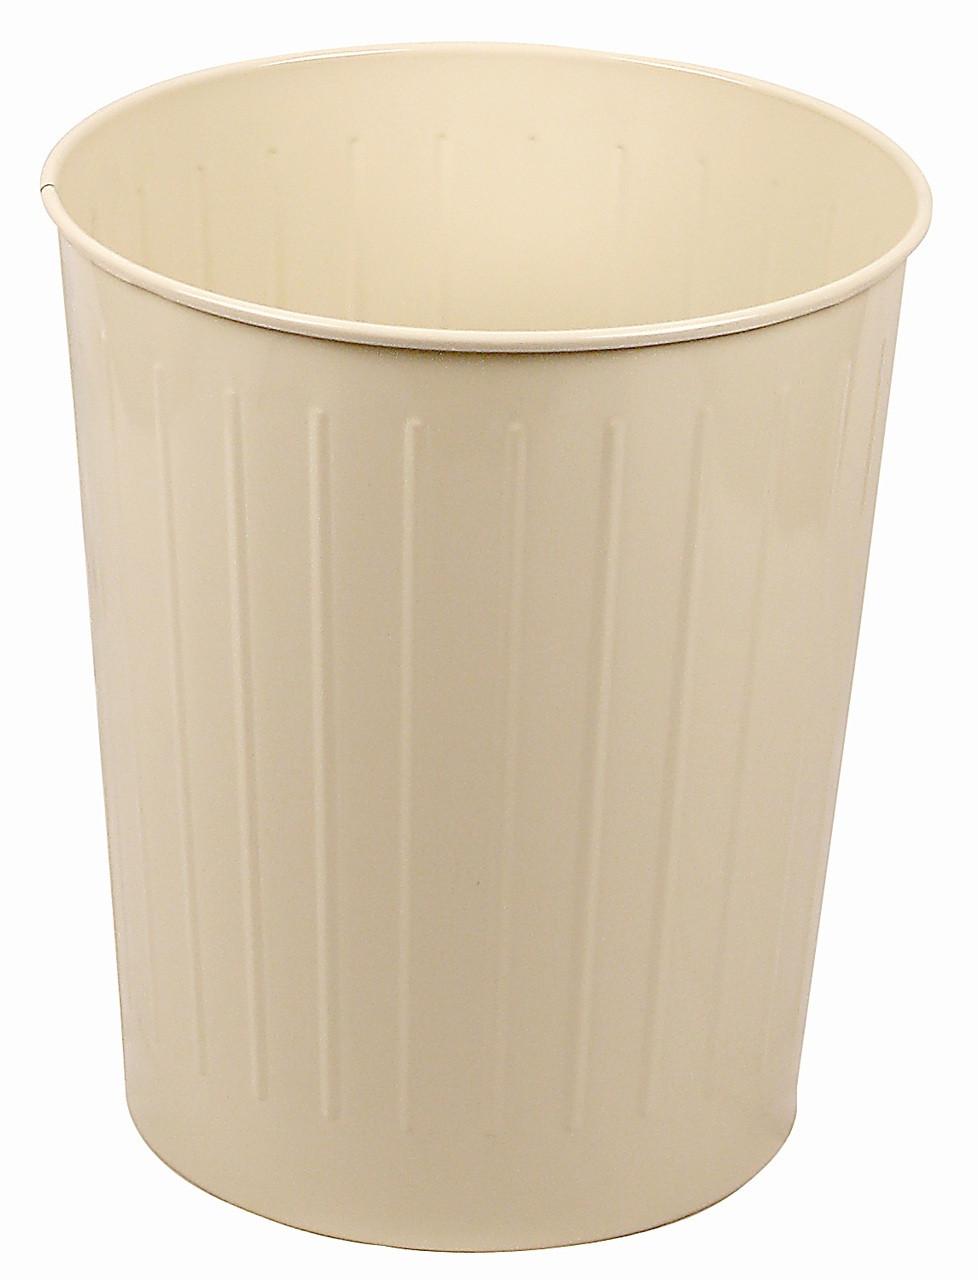 Witt Industries 50 Quart Round Metal Wastebasket Almond